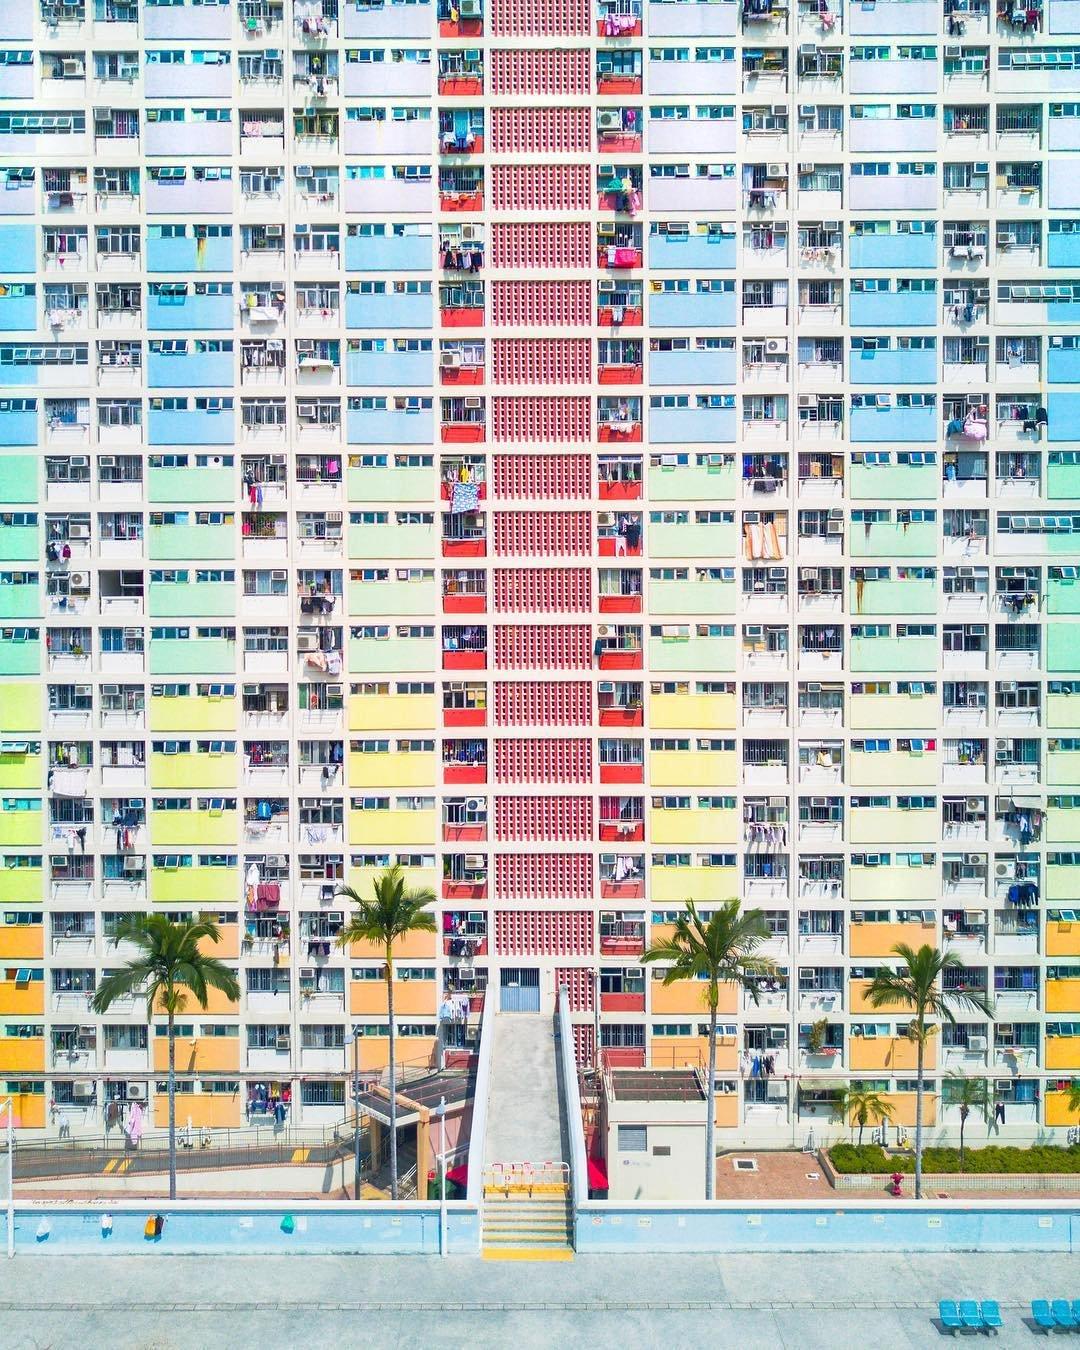 Окружающая красота из путешествий Виктора Ченга